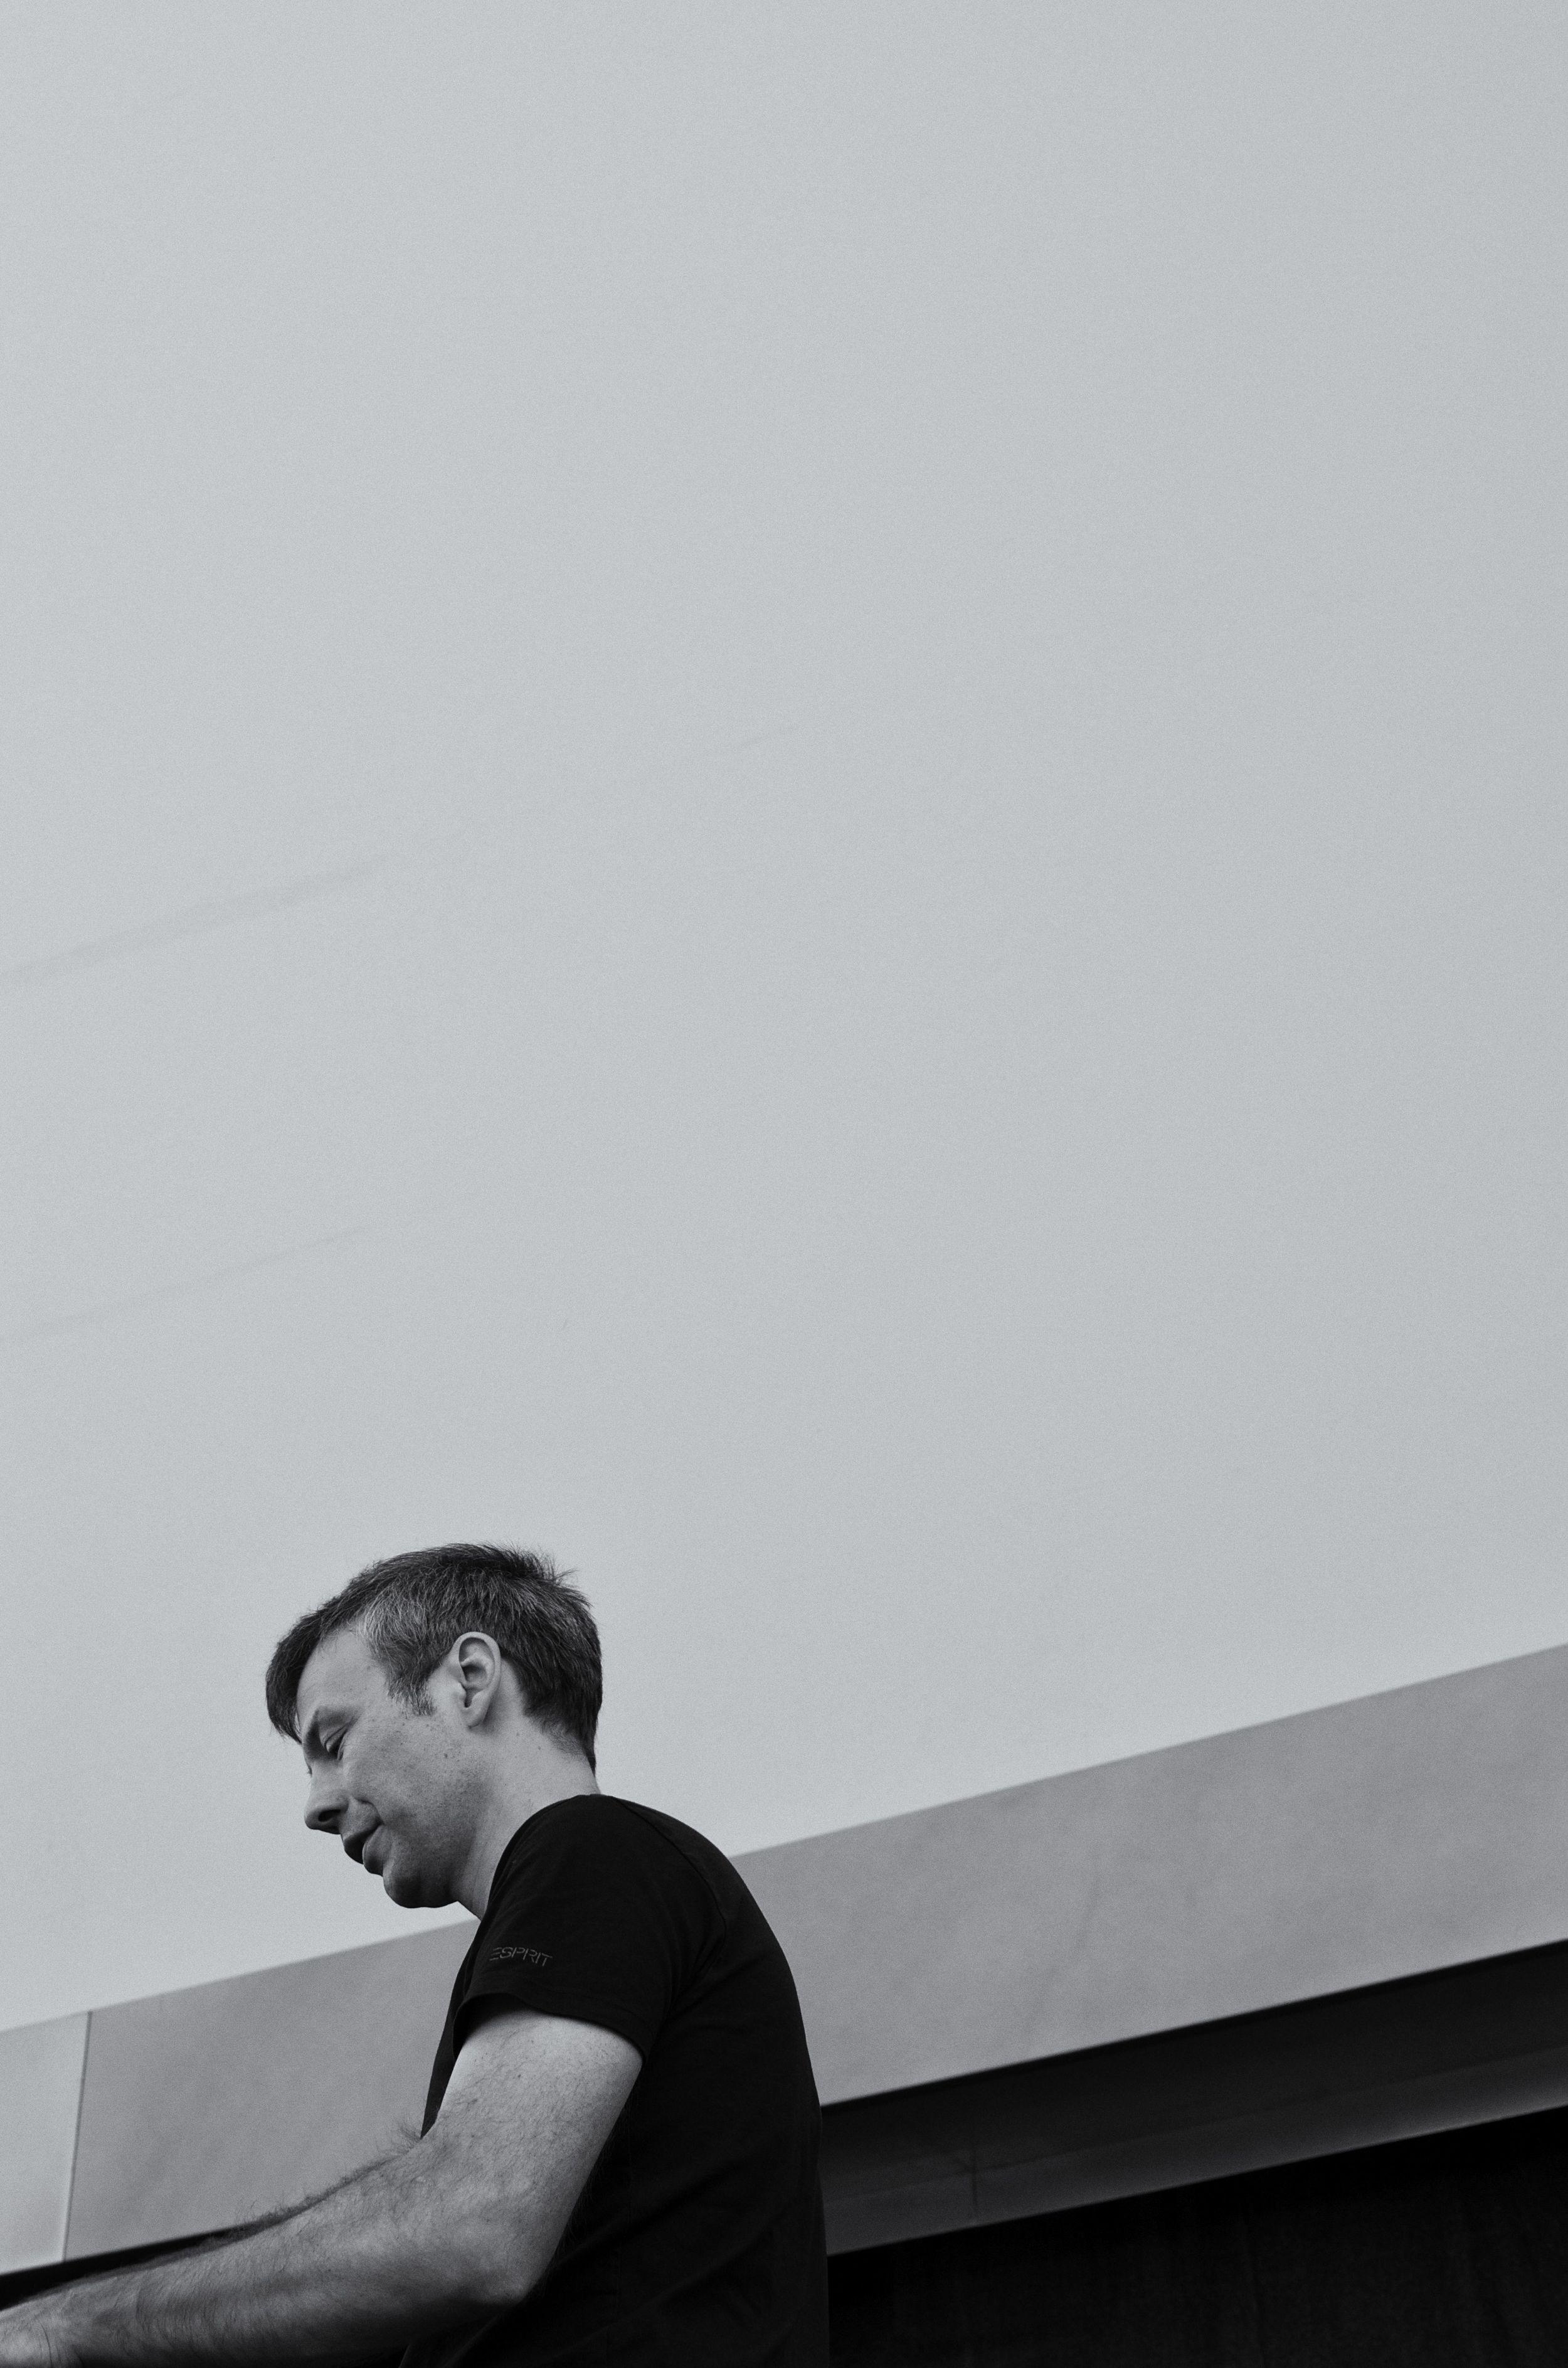 Dieter Stemmer